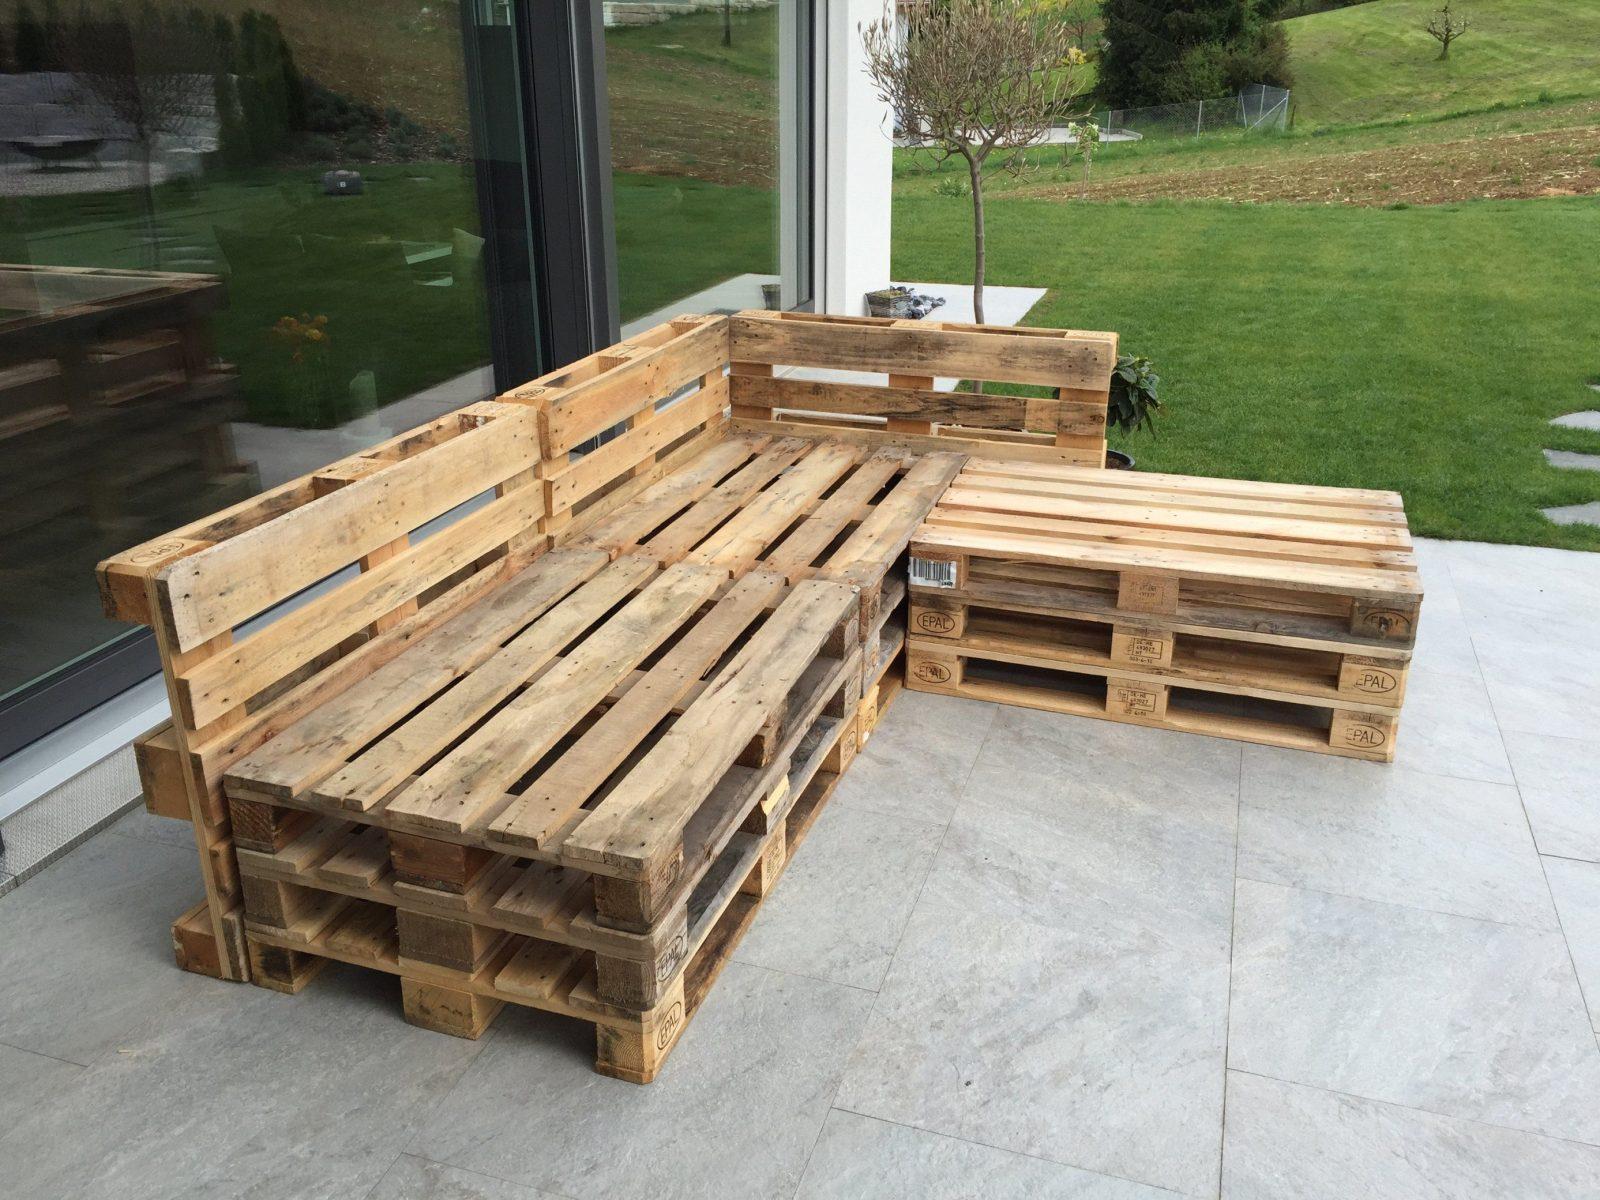 Verwunderlich Outdoor Lounge Selber Bauen Gartenlounge Aus Paletten von Outdoor Lounge Selber Bauen Photo